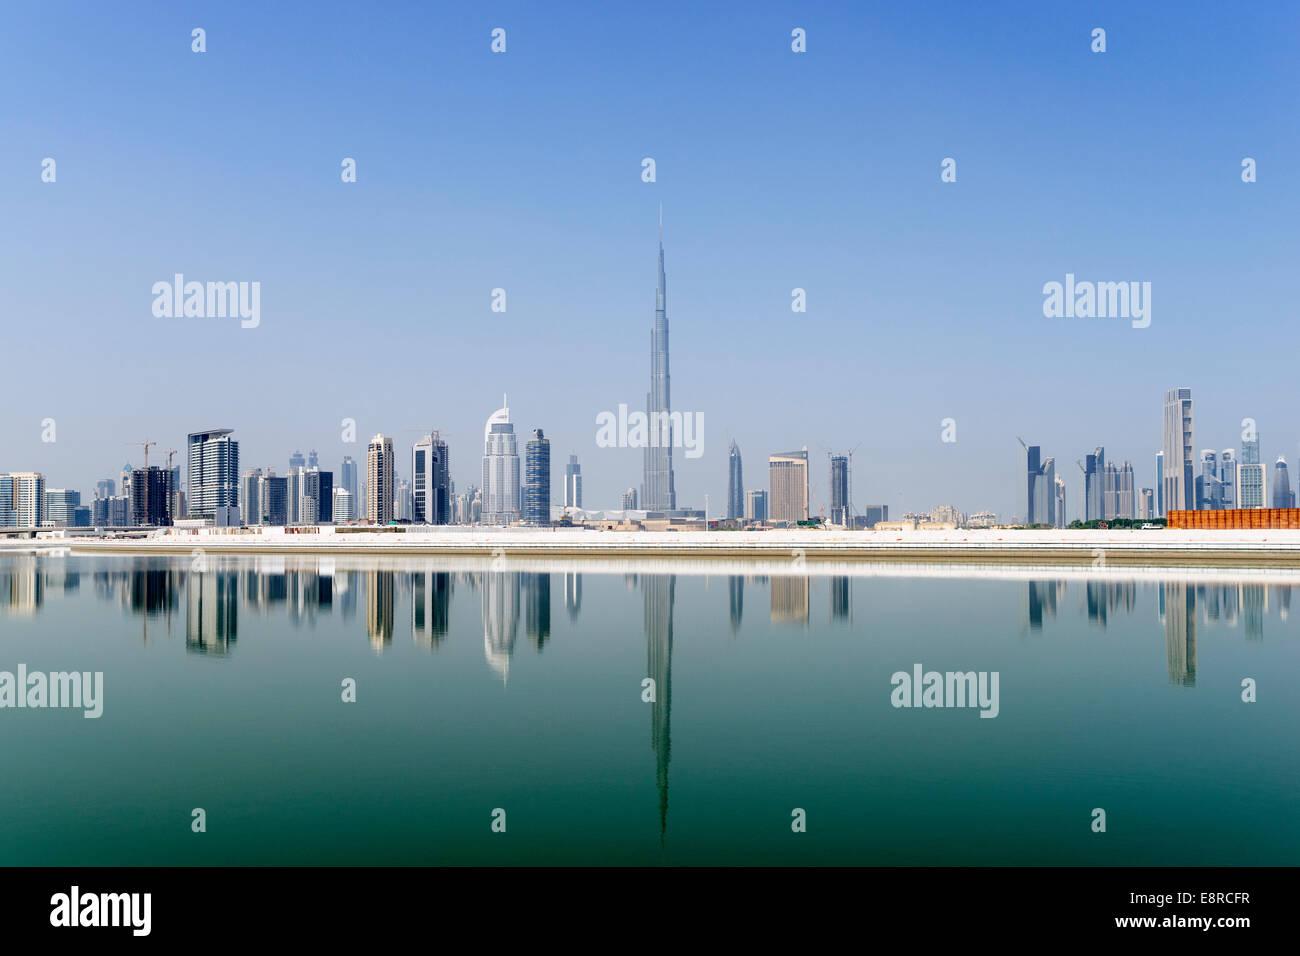 Vistas al Creek hacia el horizonte de Dubai y Burj Khalifa en Business Bay en Emiratos Arabes Unidos Imagen De Stock